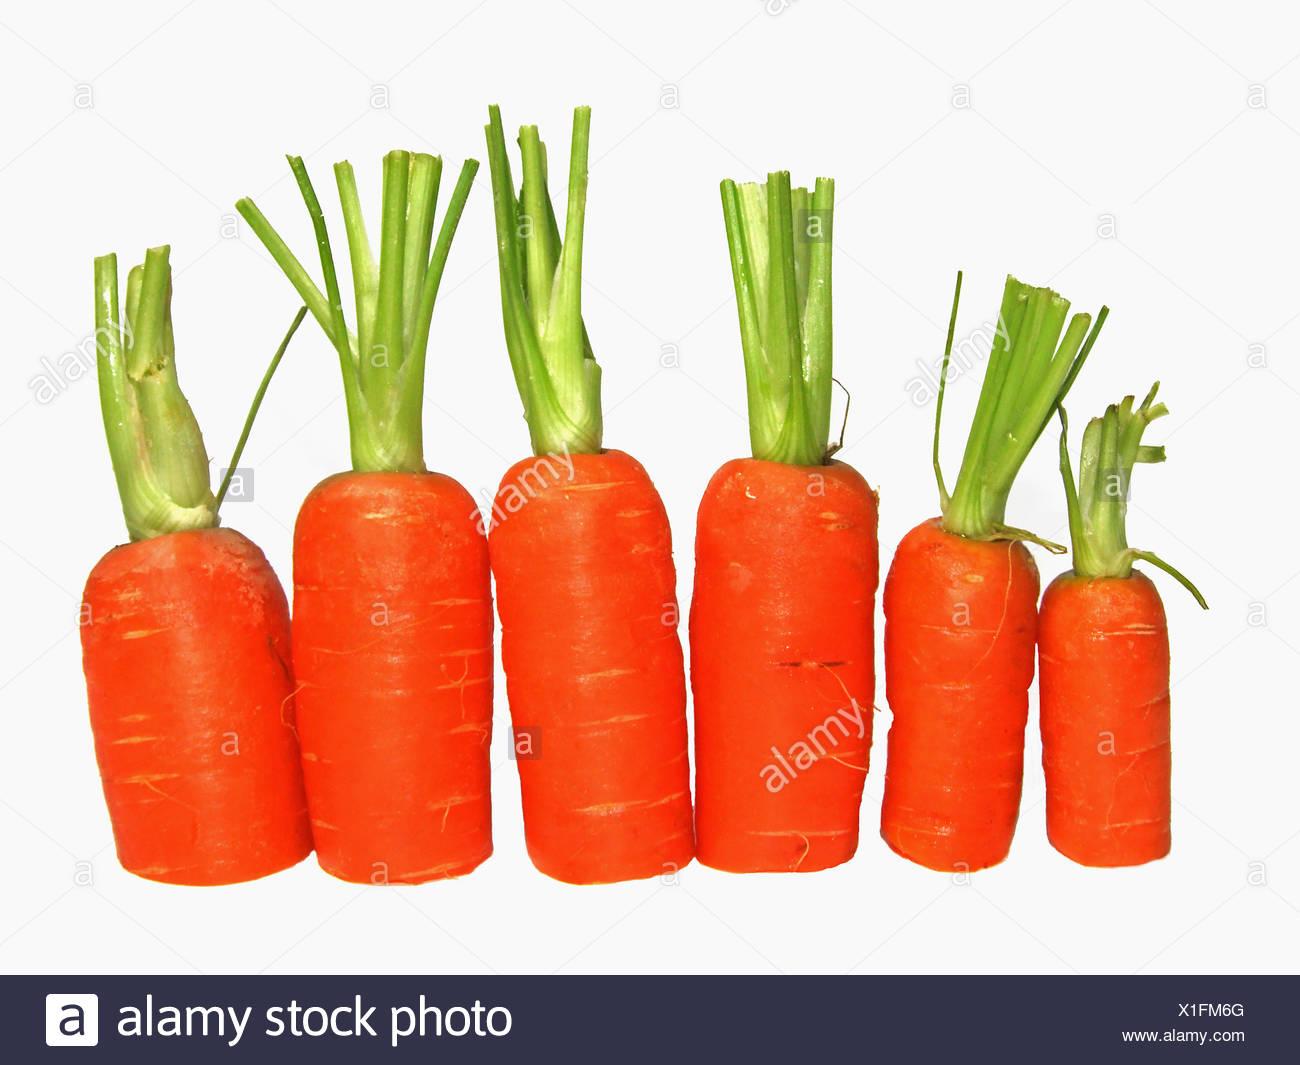 Zanahoria Zanahoria Carotin Vegetal Vitaminas Vitaminas Vegetales Zanahoria Zanahorias Fotografia De Stock Alamy De la zanahoria suele decirse que ayuda a broncear la piel y que es buena para la vista, pero más allá de estos efectos, la mayoría de los mortales desconoce la cantidad de beneficios que reporta al. alamy